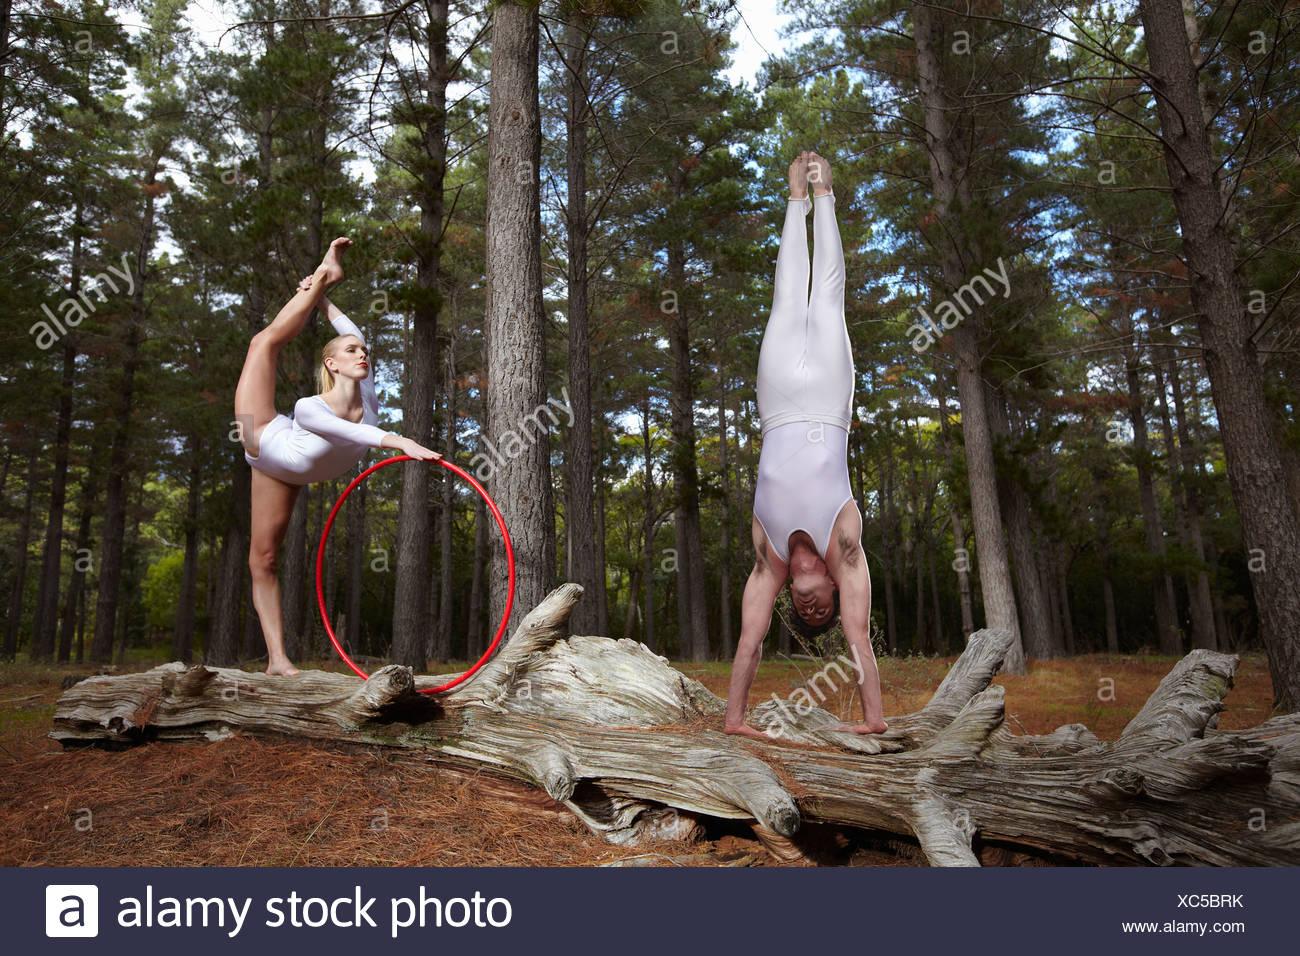 Los bailarines posando en registro en el bosque Imagen De Stock